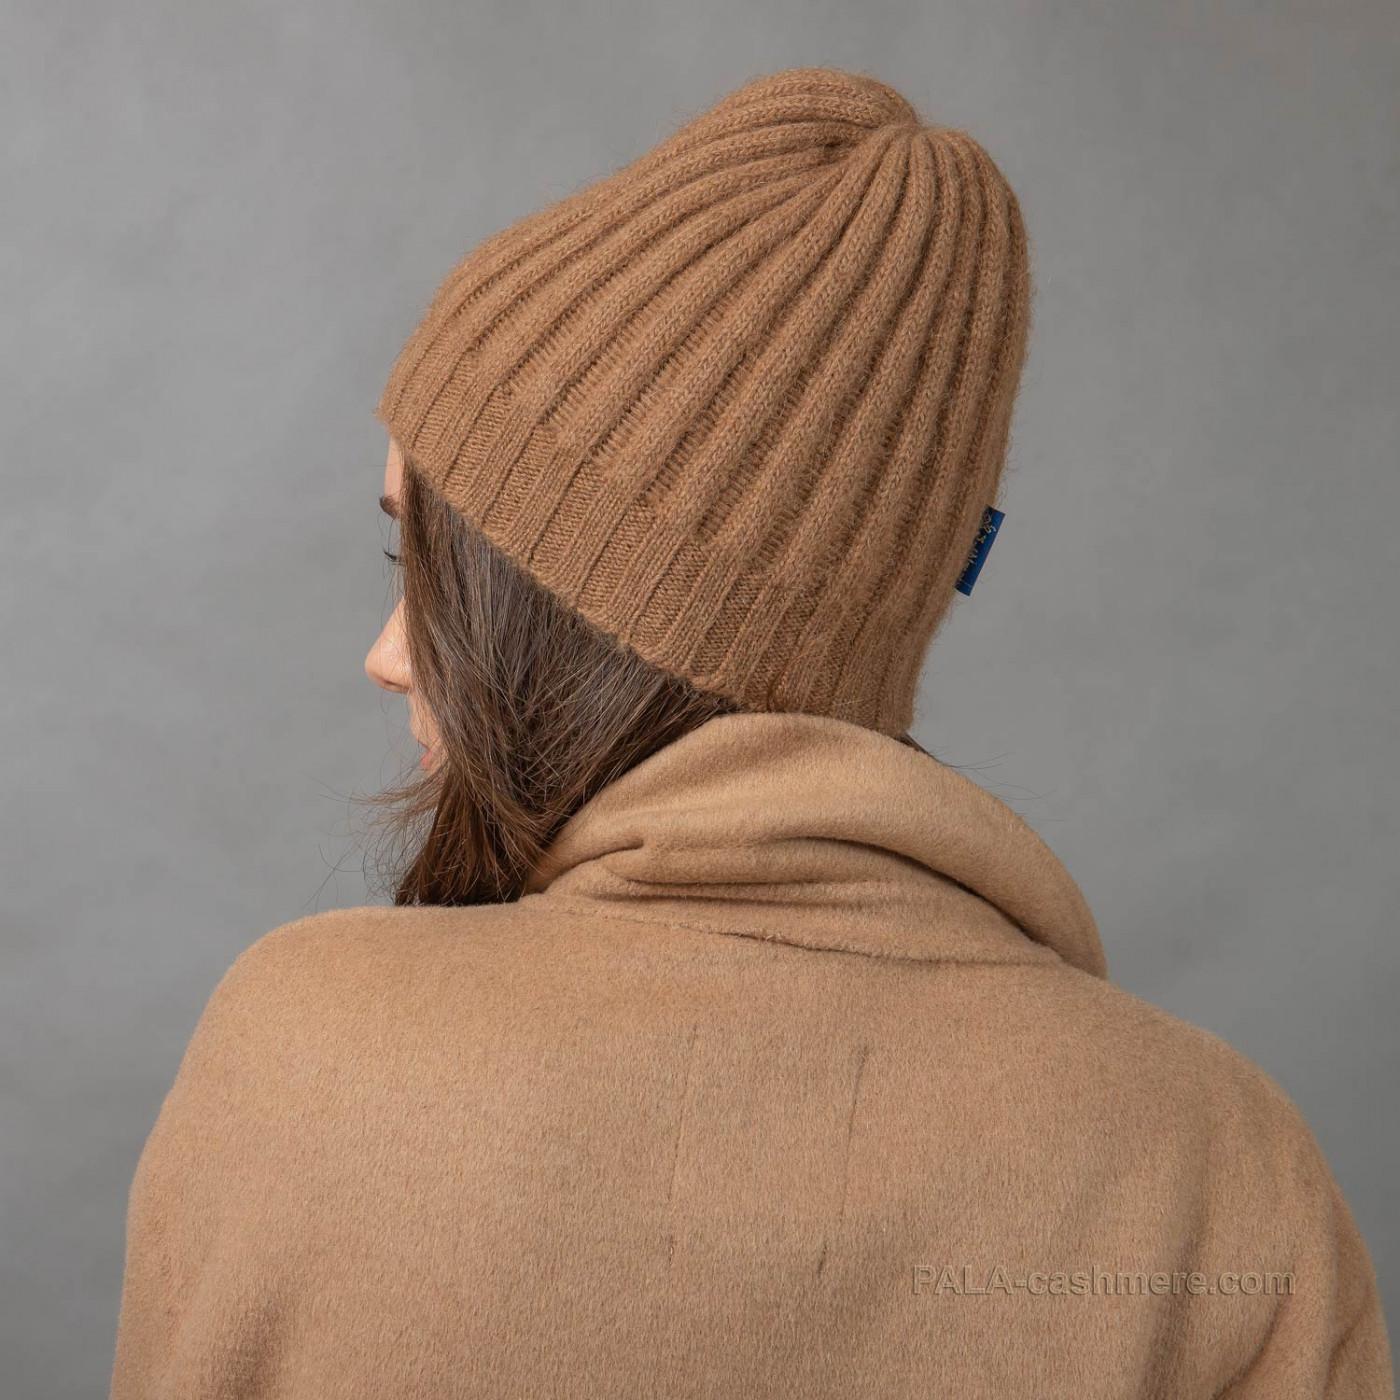 Трикотажная шапка верблюжья шерсть с помпоном